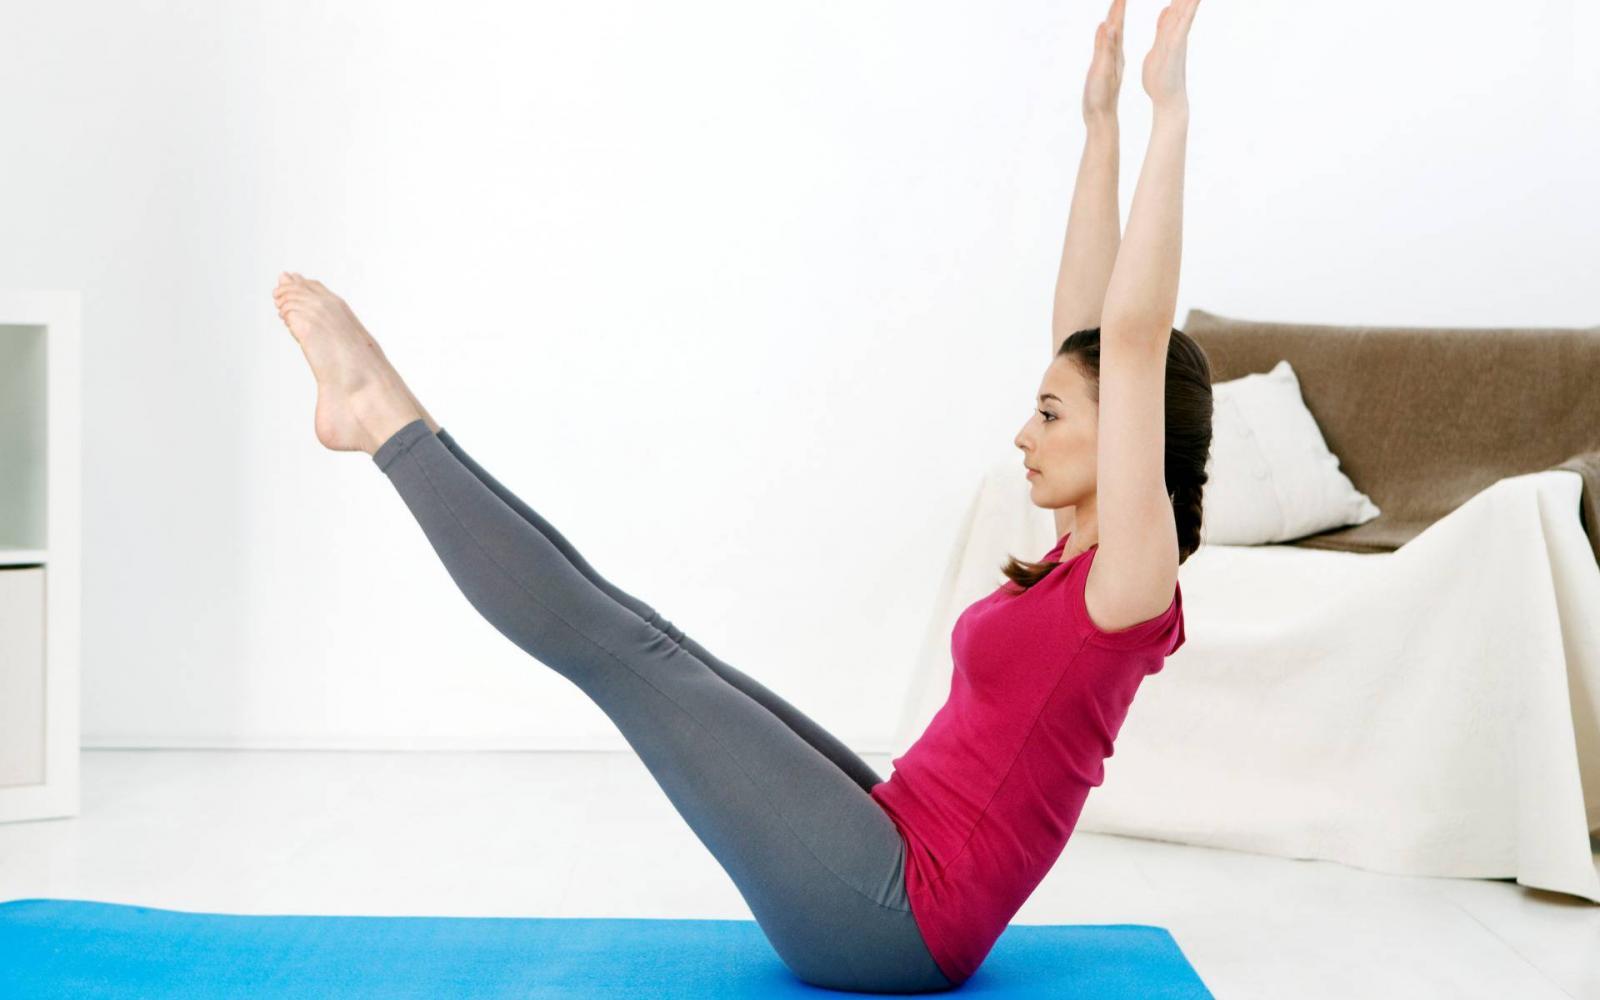 testedzés a magas vérnyomás megelőzésére mi a migrén és a magas vérnyomás